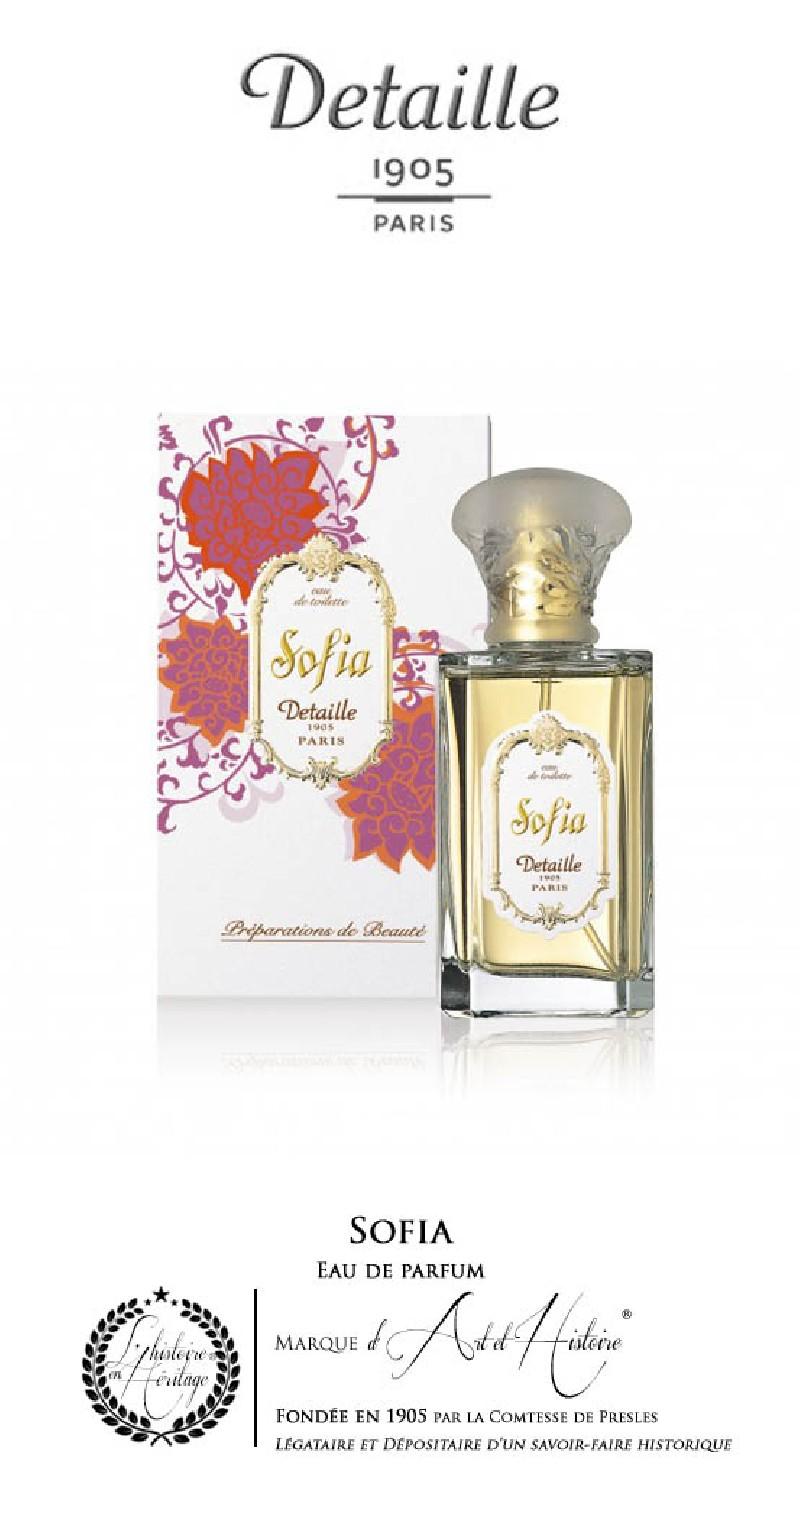 Sofia - Eau de Parfum